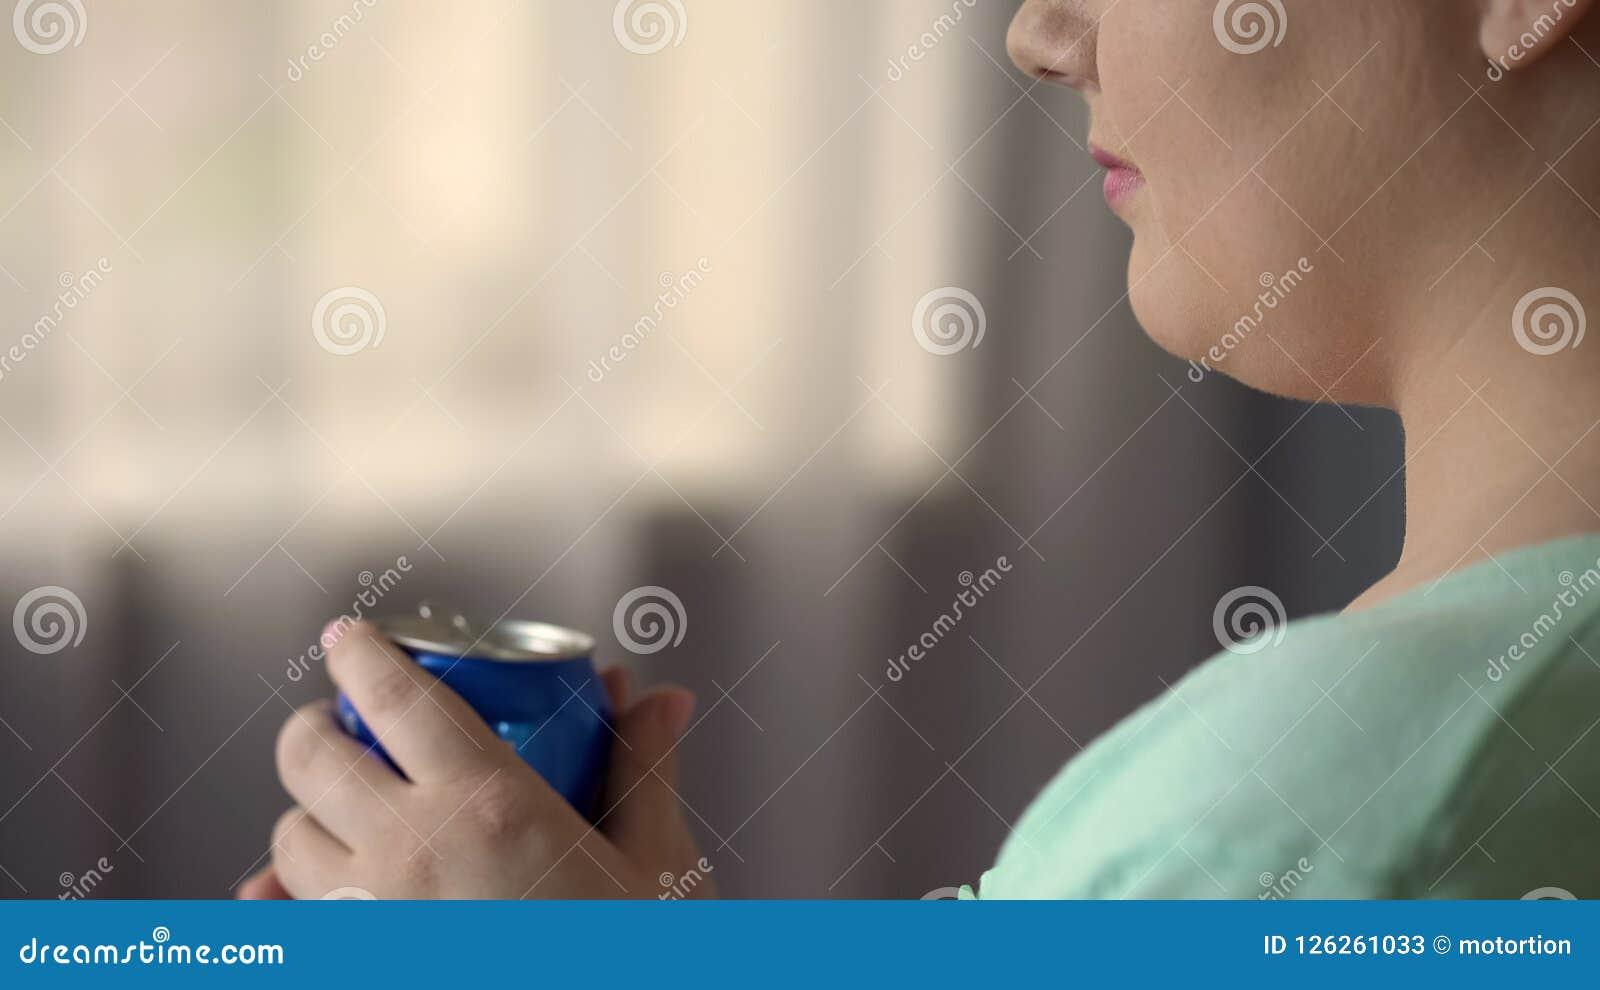 Fyllig kvinnlig dricka sodavatten eller öl på partiet bara, skräpmat orsakar övervikt